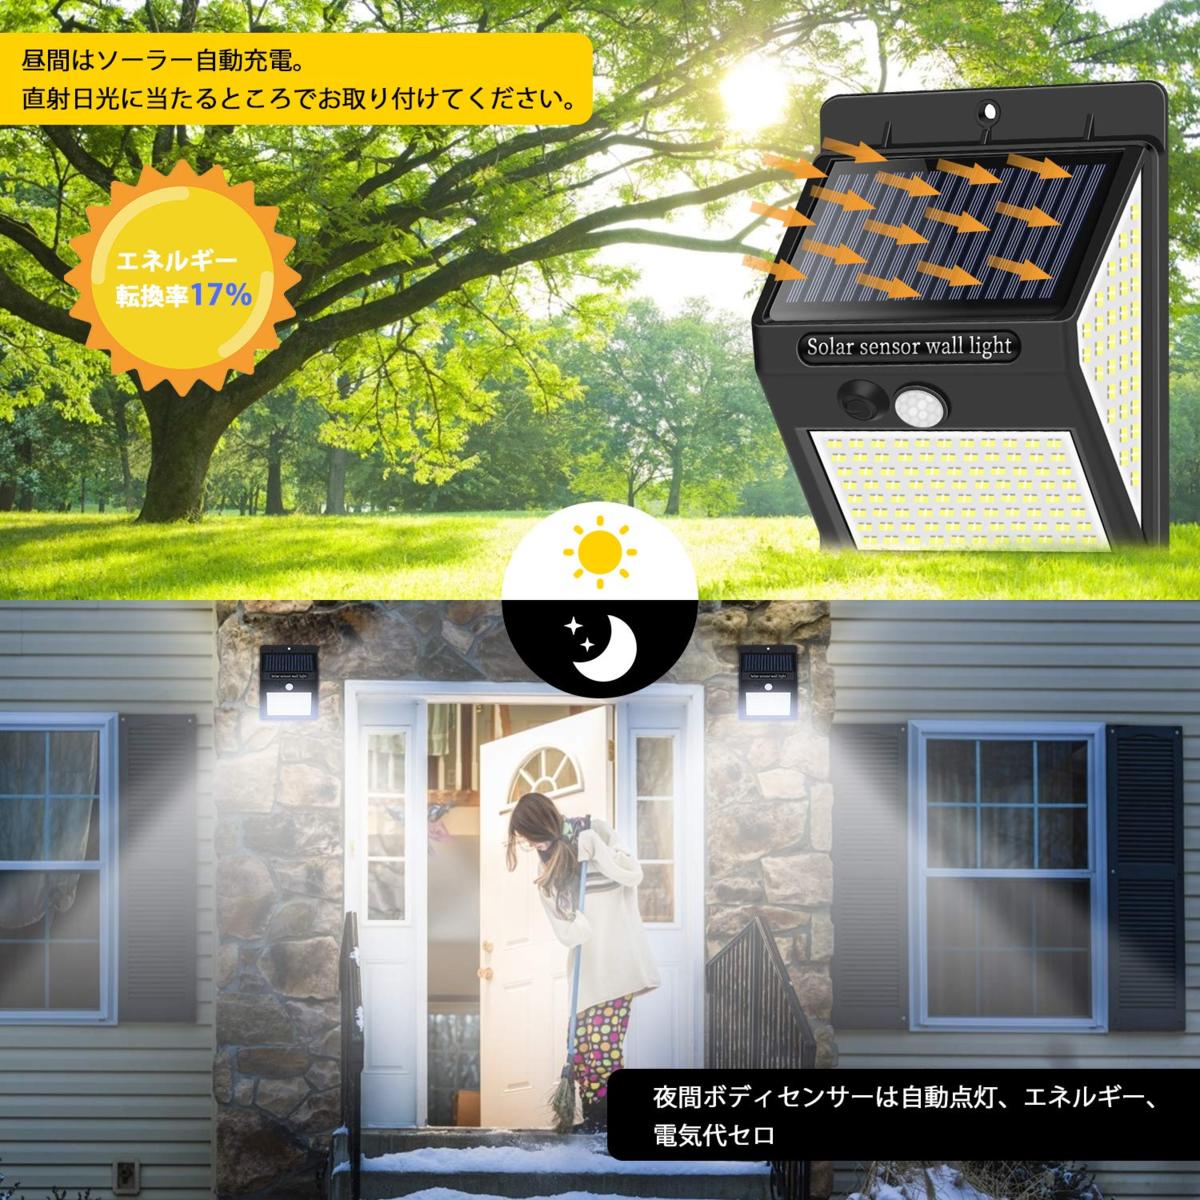 昼間の日光で自動で充電されます